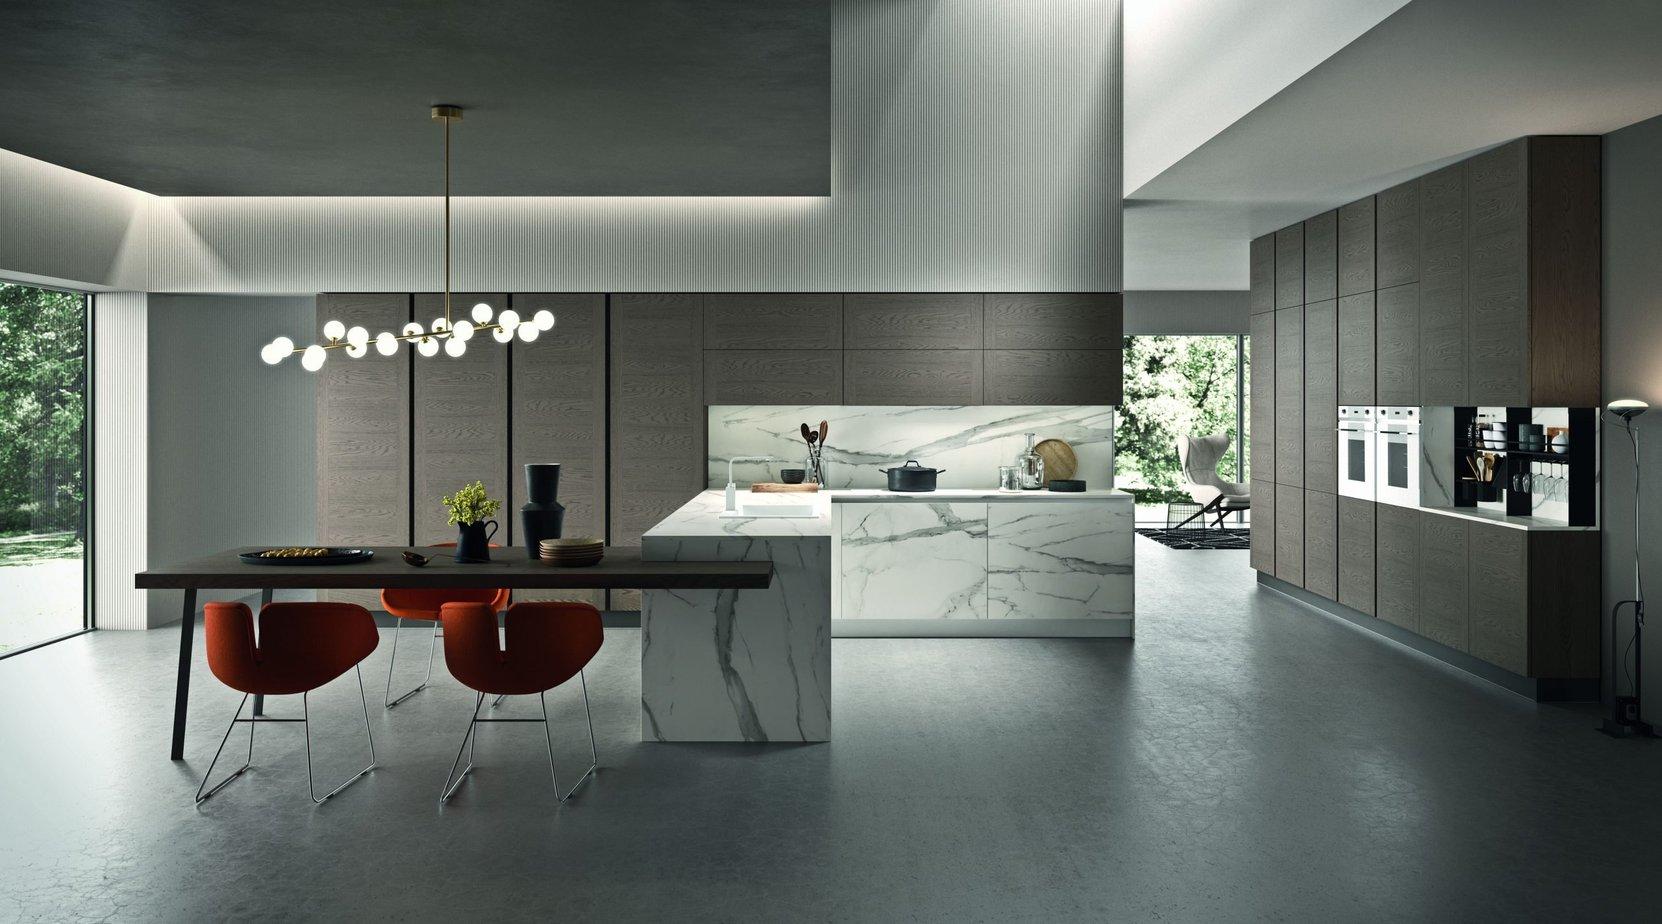 Cucina design poro aperto da Lab Cucine Torino